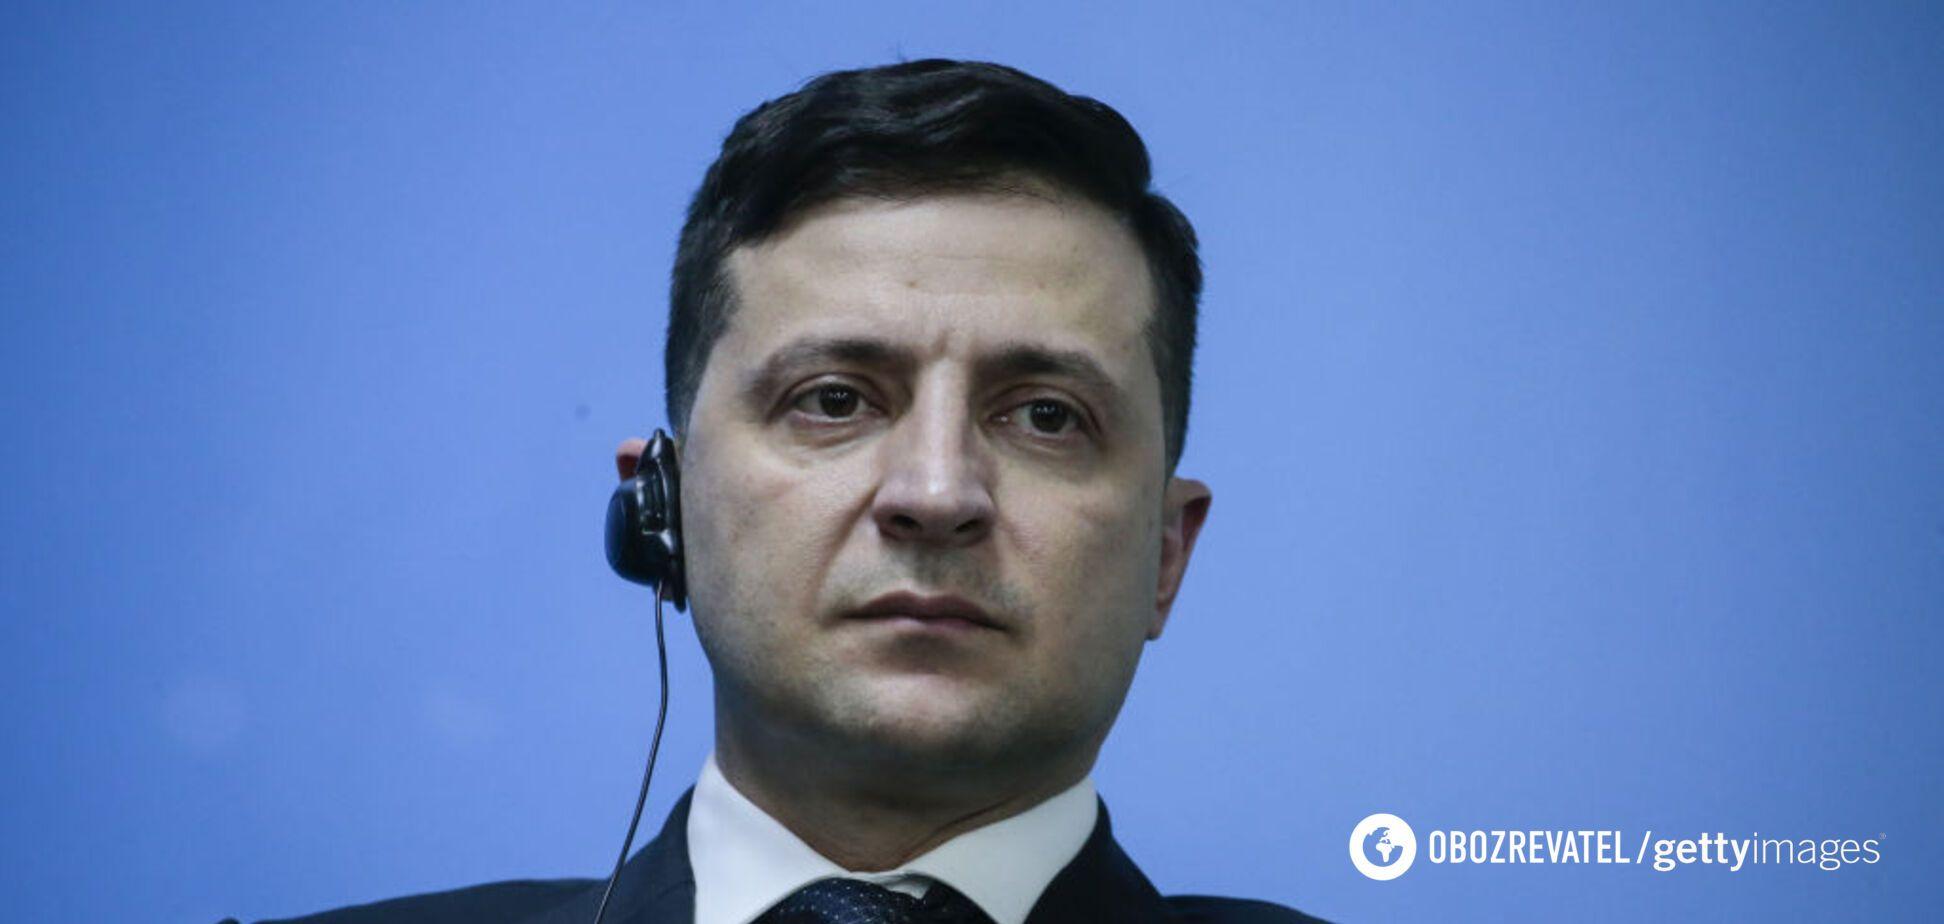 Зеленский ответил на обстрелы террористов на Донбассе и внезапно сменил тему. Видео